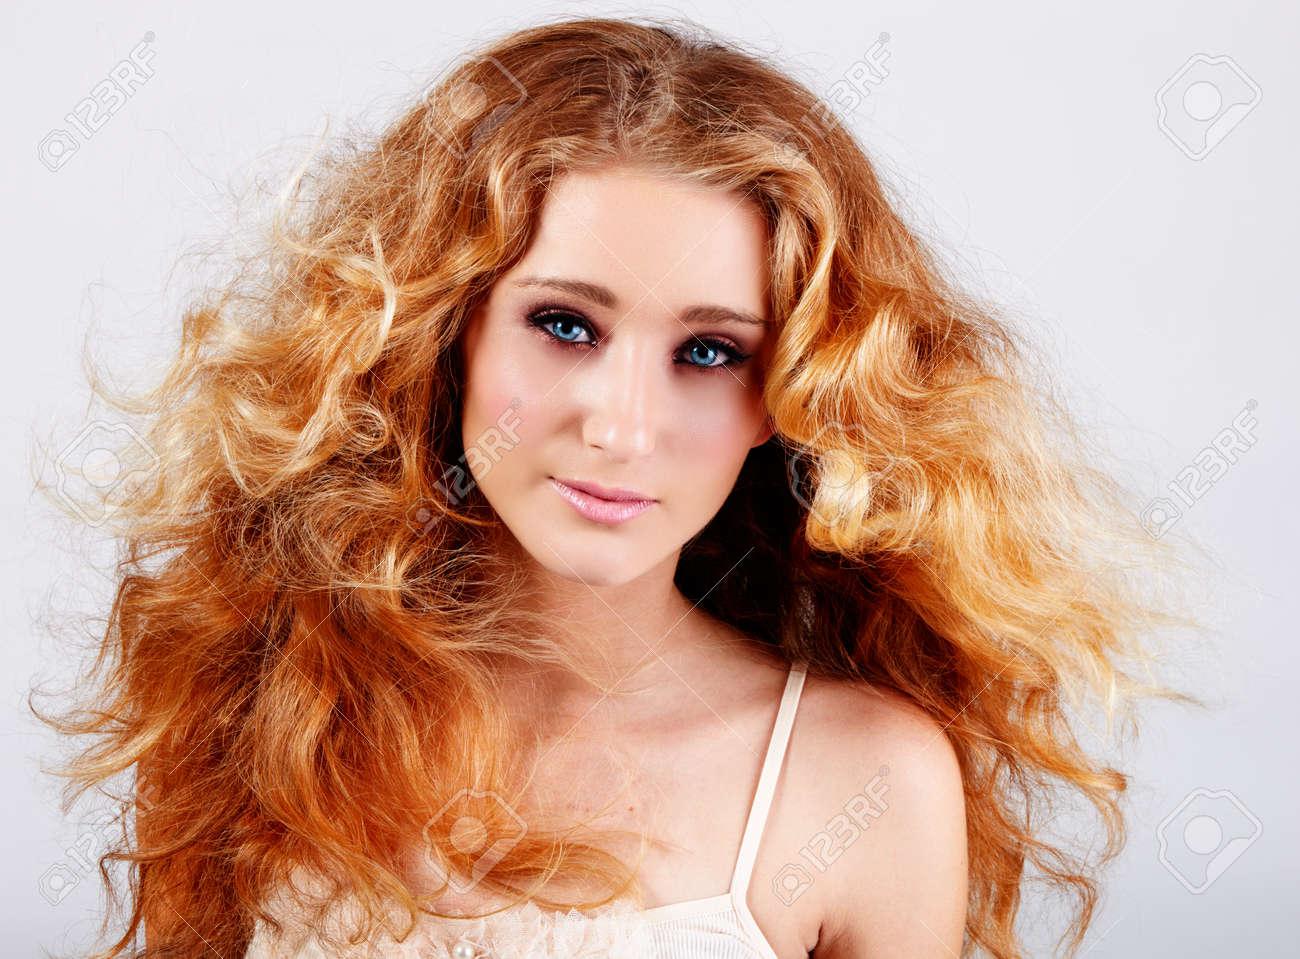 Schöne Teenager Mädchen Mit Roten Haare Und Blaue Augen Auf Grau